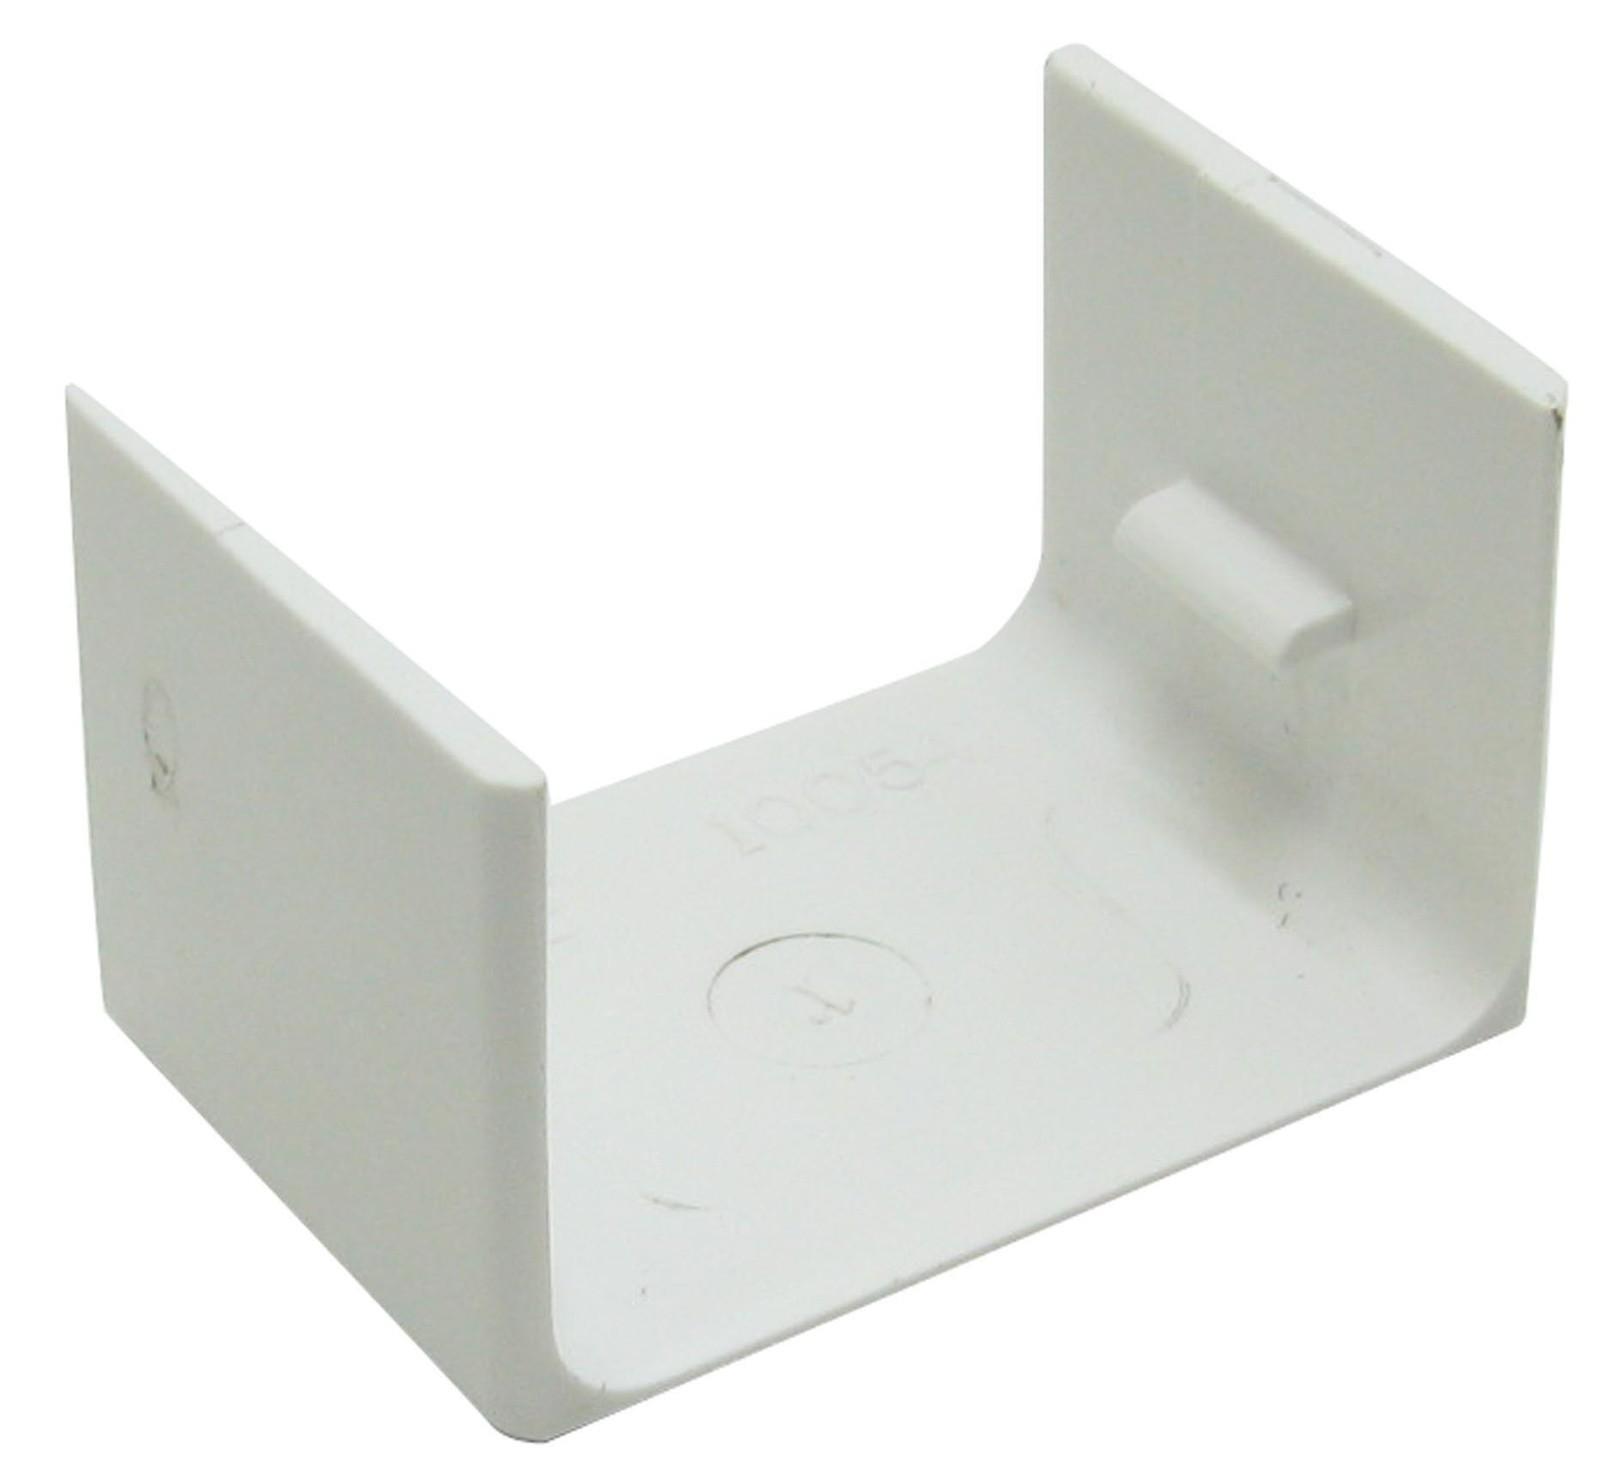 Соединительная скоба для канала 20х12.5мм, Efapel 10034ABR (10054)